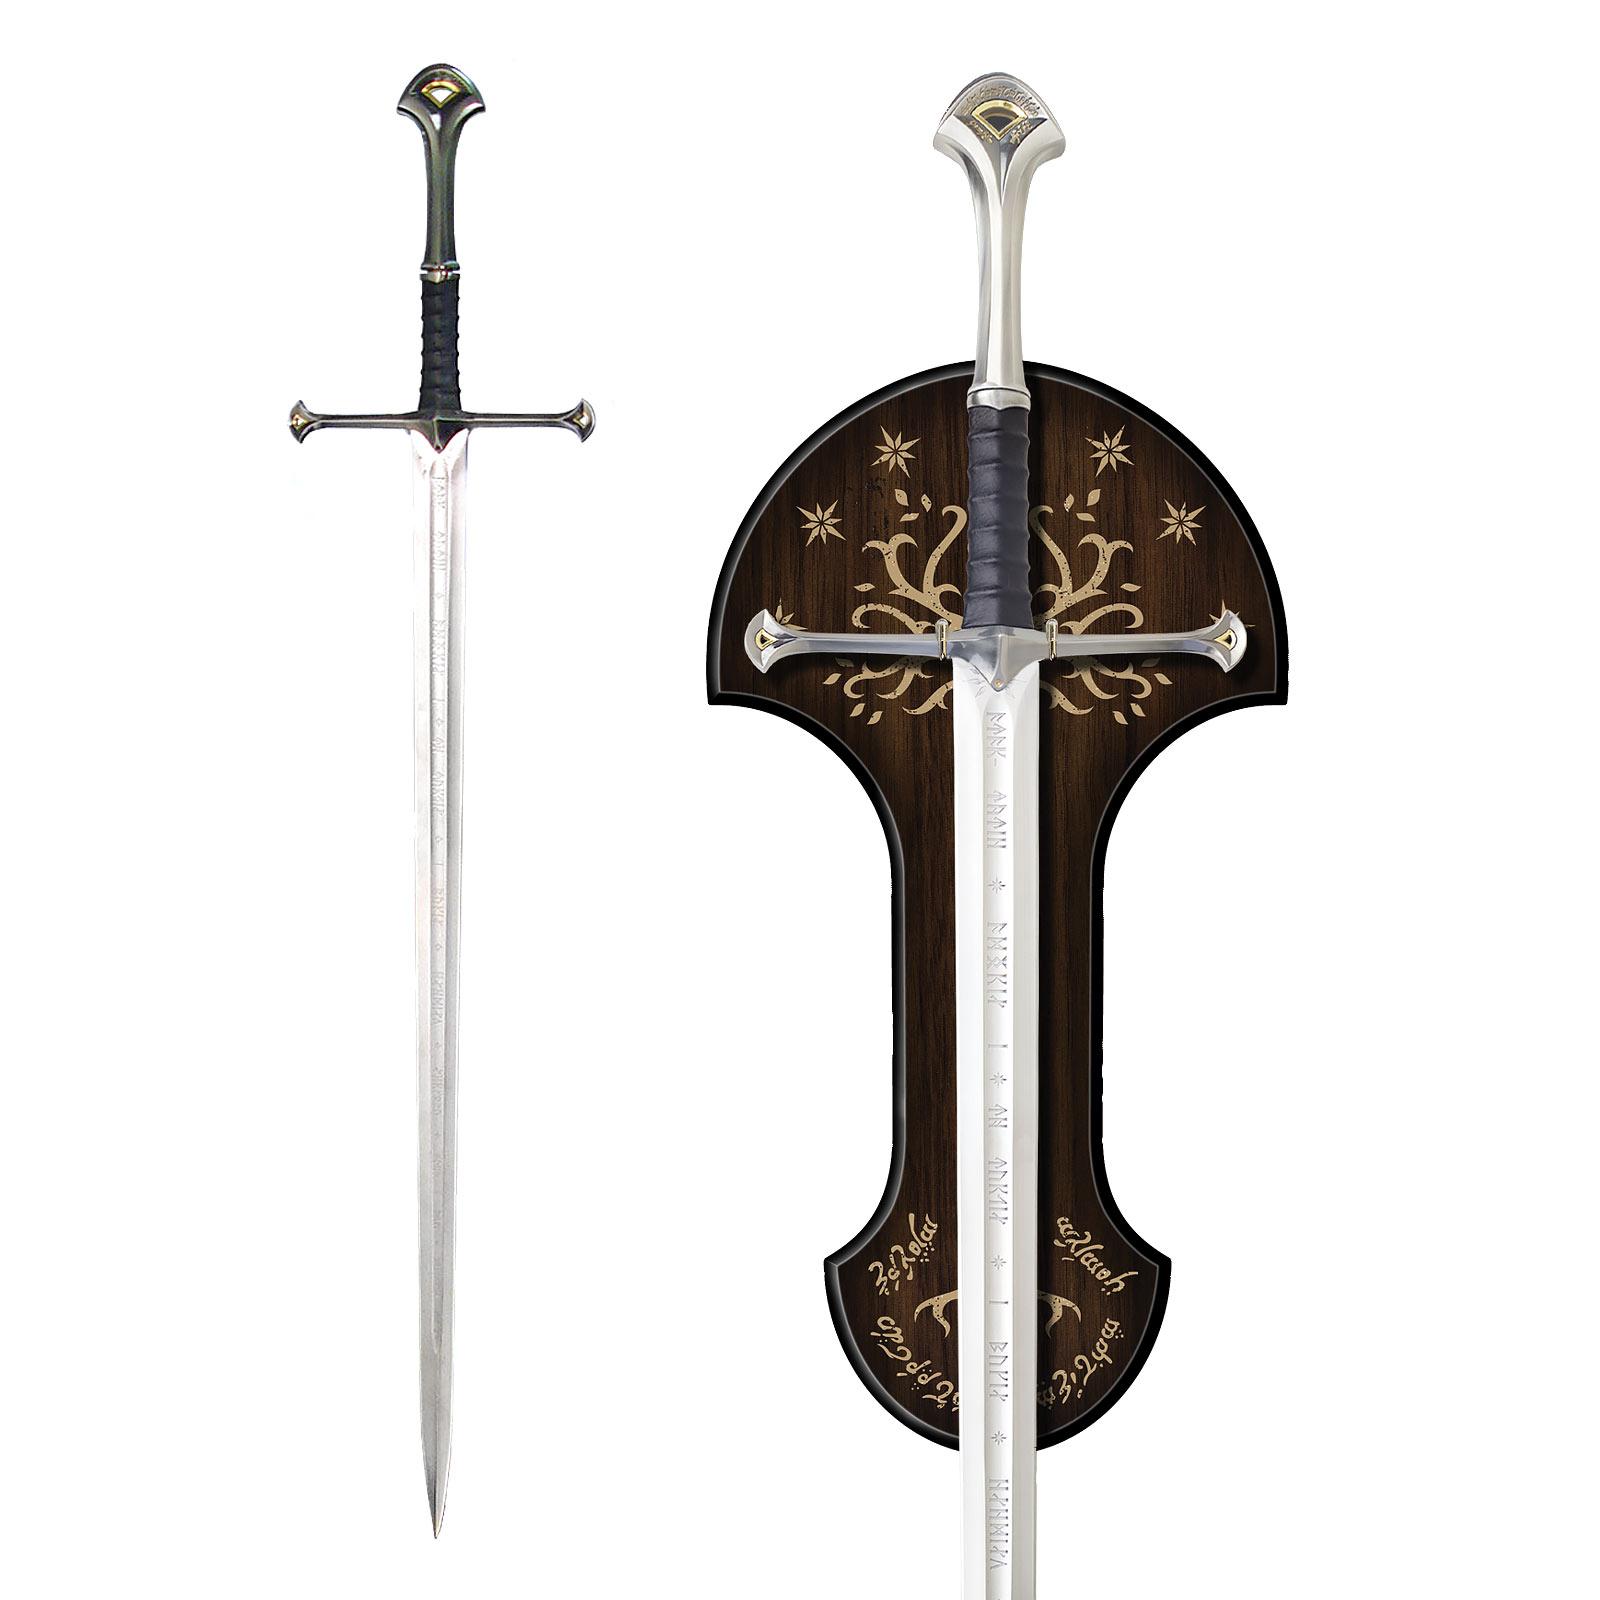 Schwert Anduril - Die Flamme des Westens